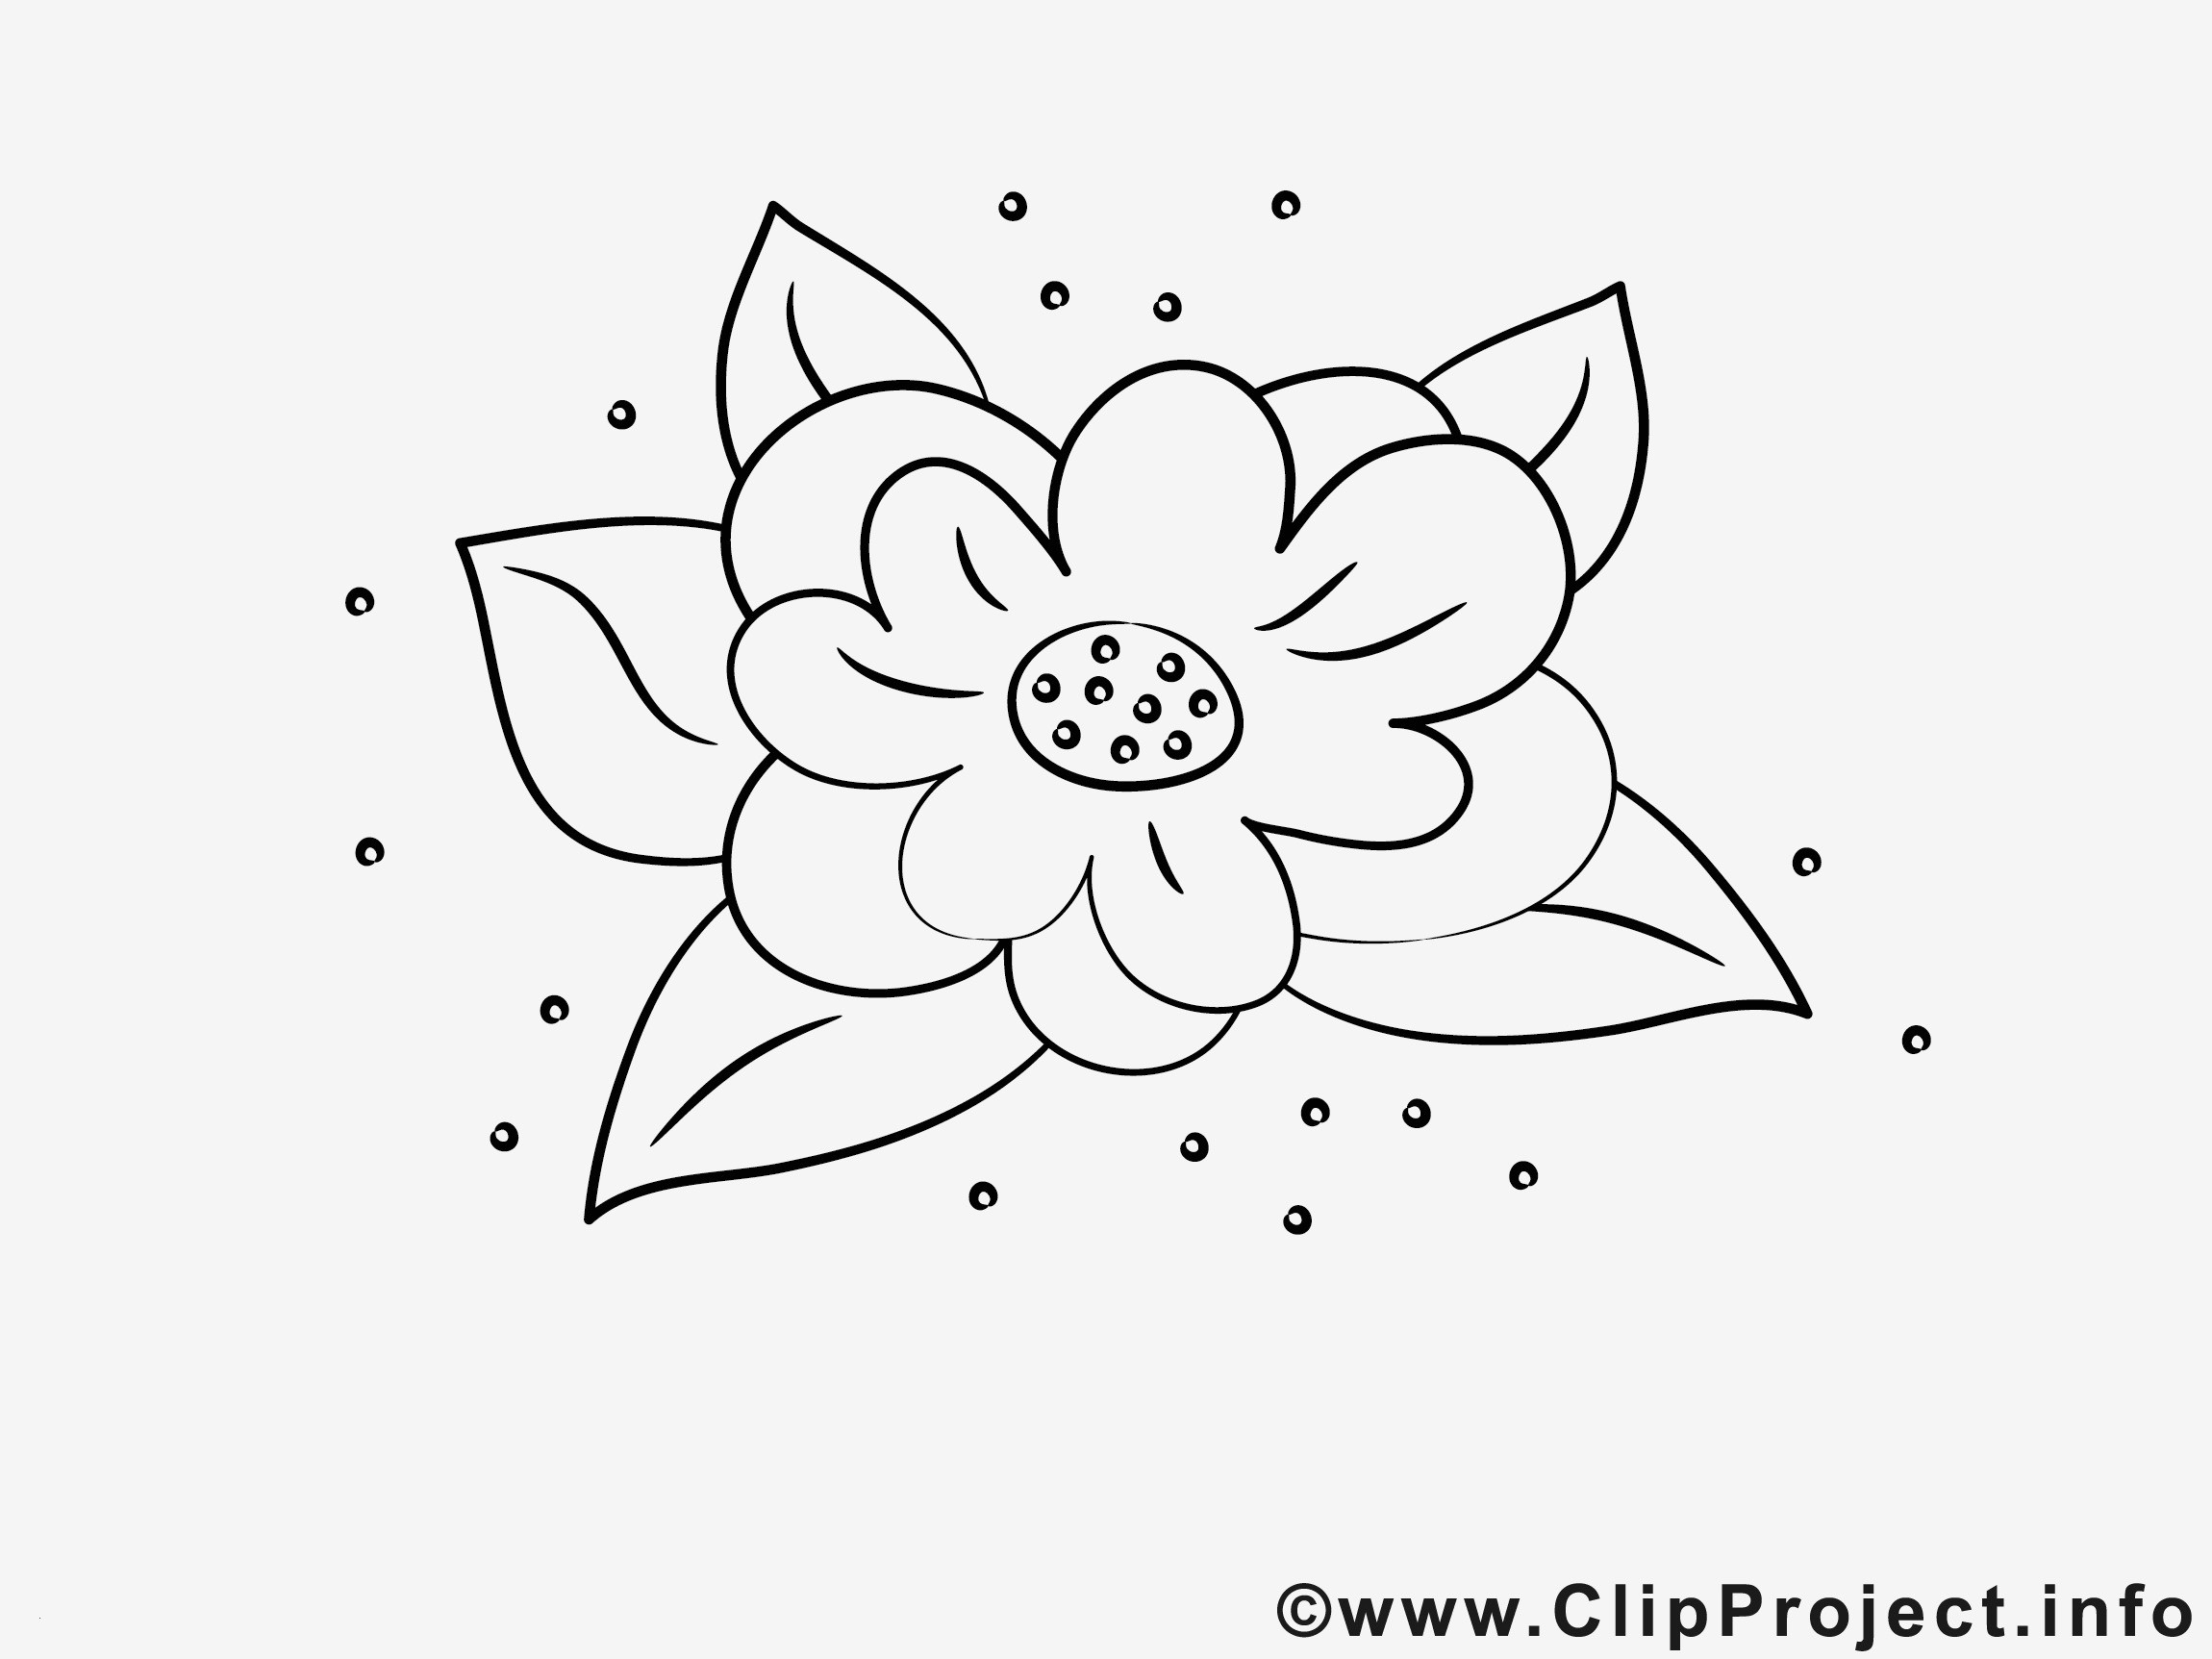 Pokemon Ausmalbilder sonne Und Mond Genial Spannende Coloring Bilder Ausmalbilder Blumen Kostenlos Neu Gratis Sammlung